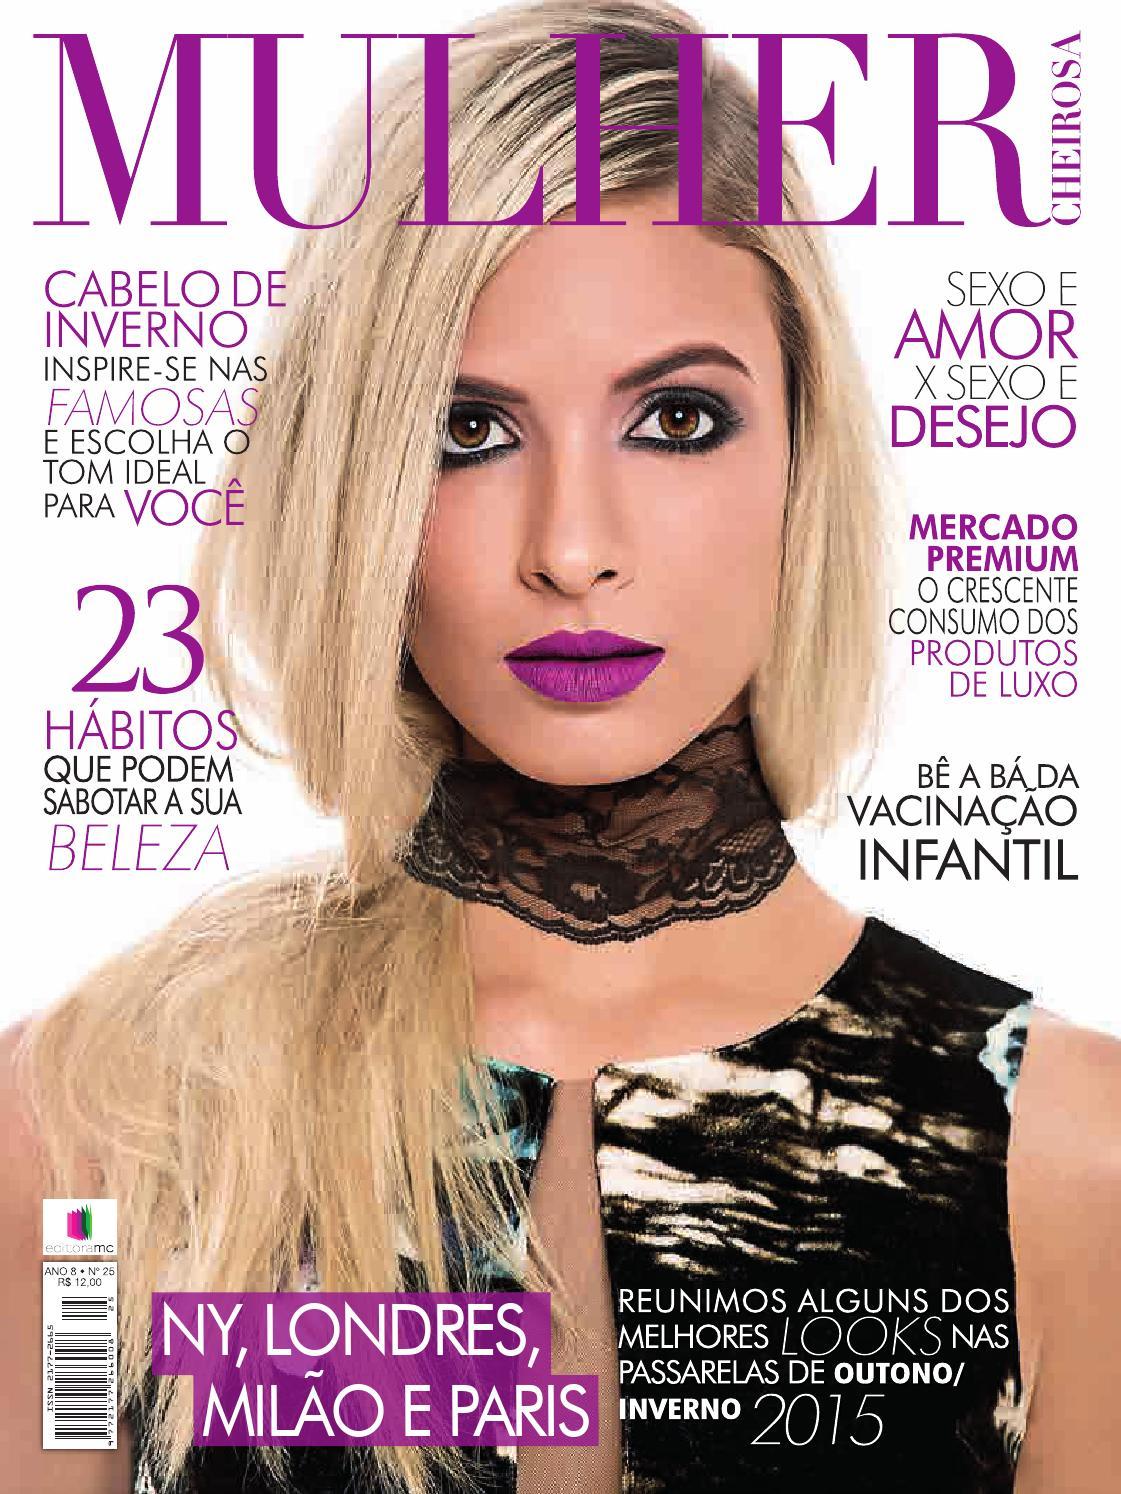 Revista Mulher Cheirosa - 25ª edição by Jessika - issuu c98006251c0